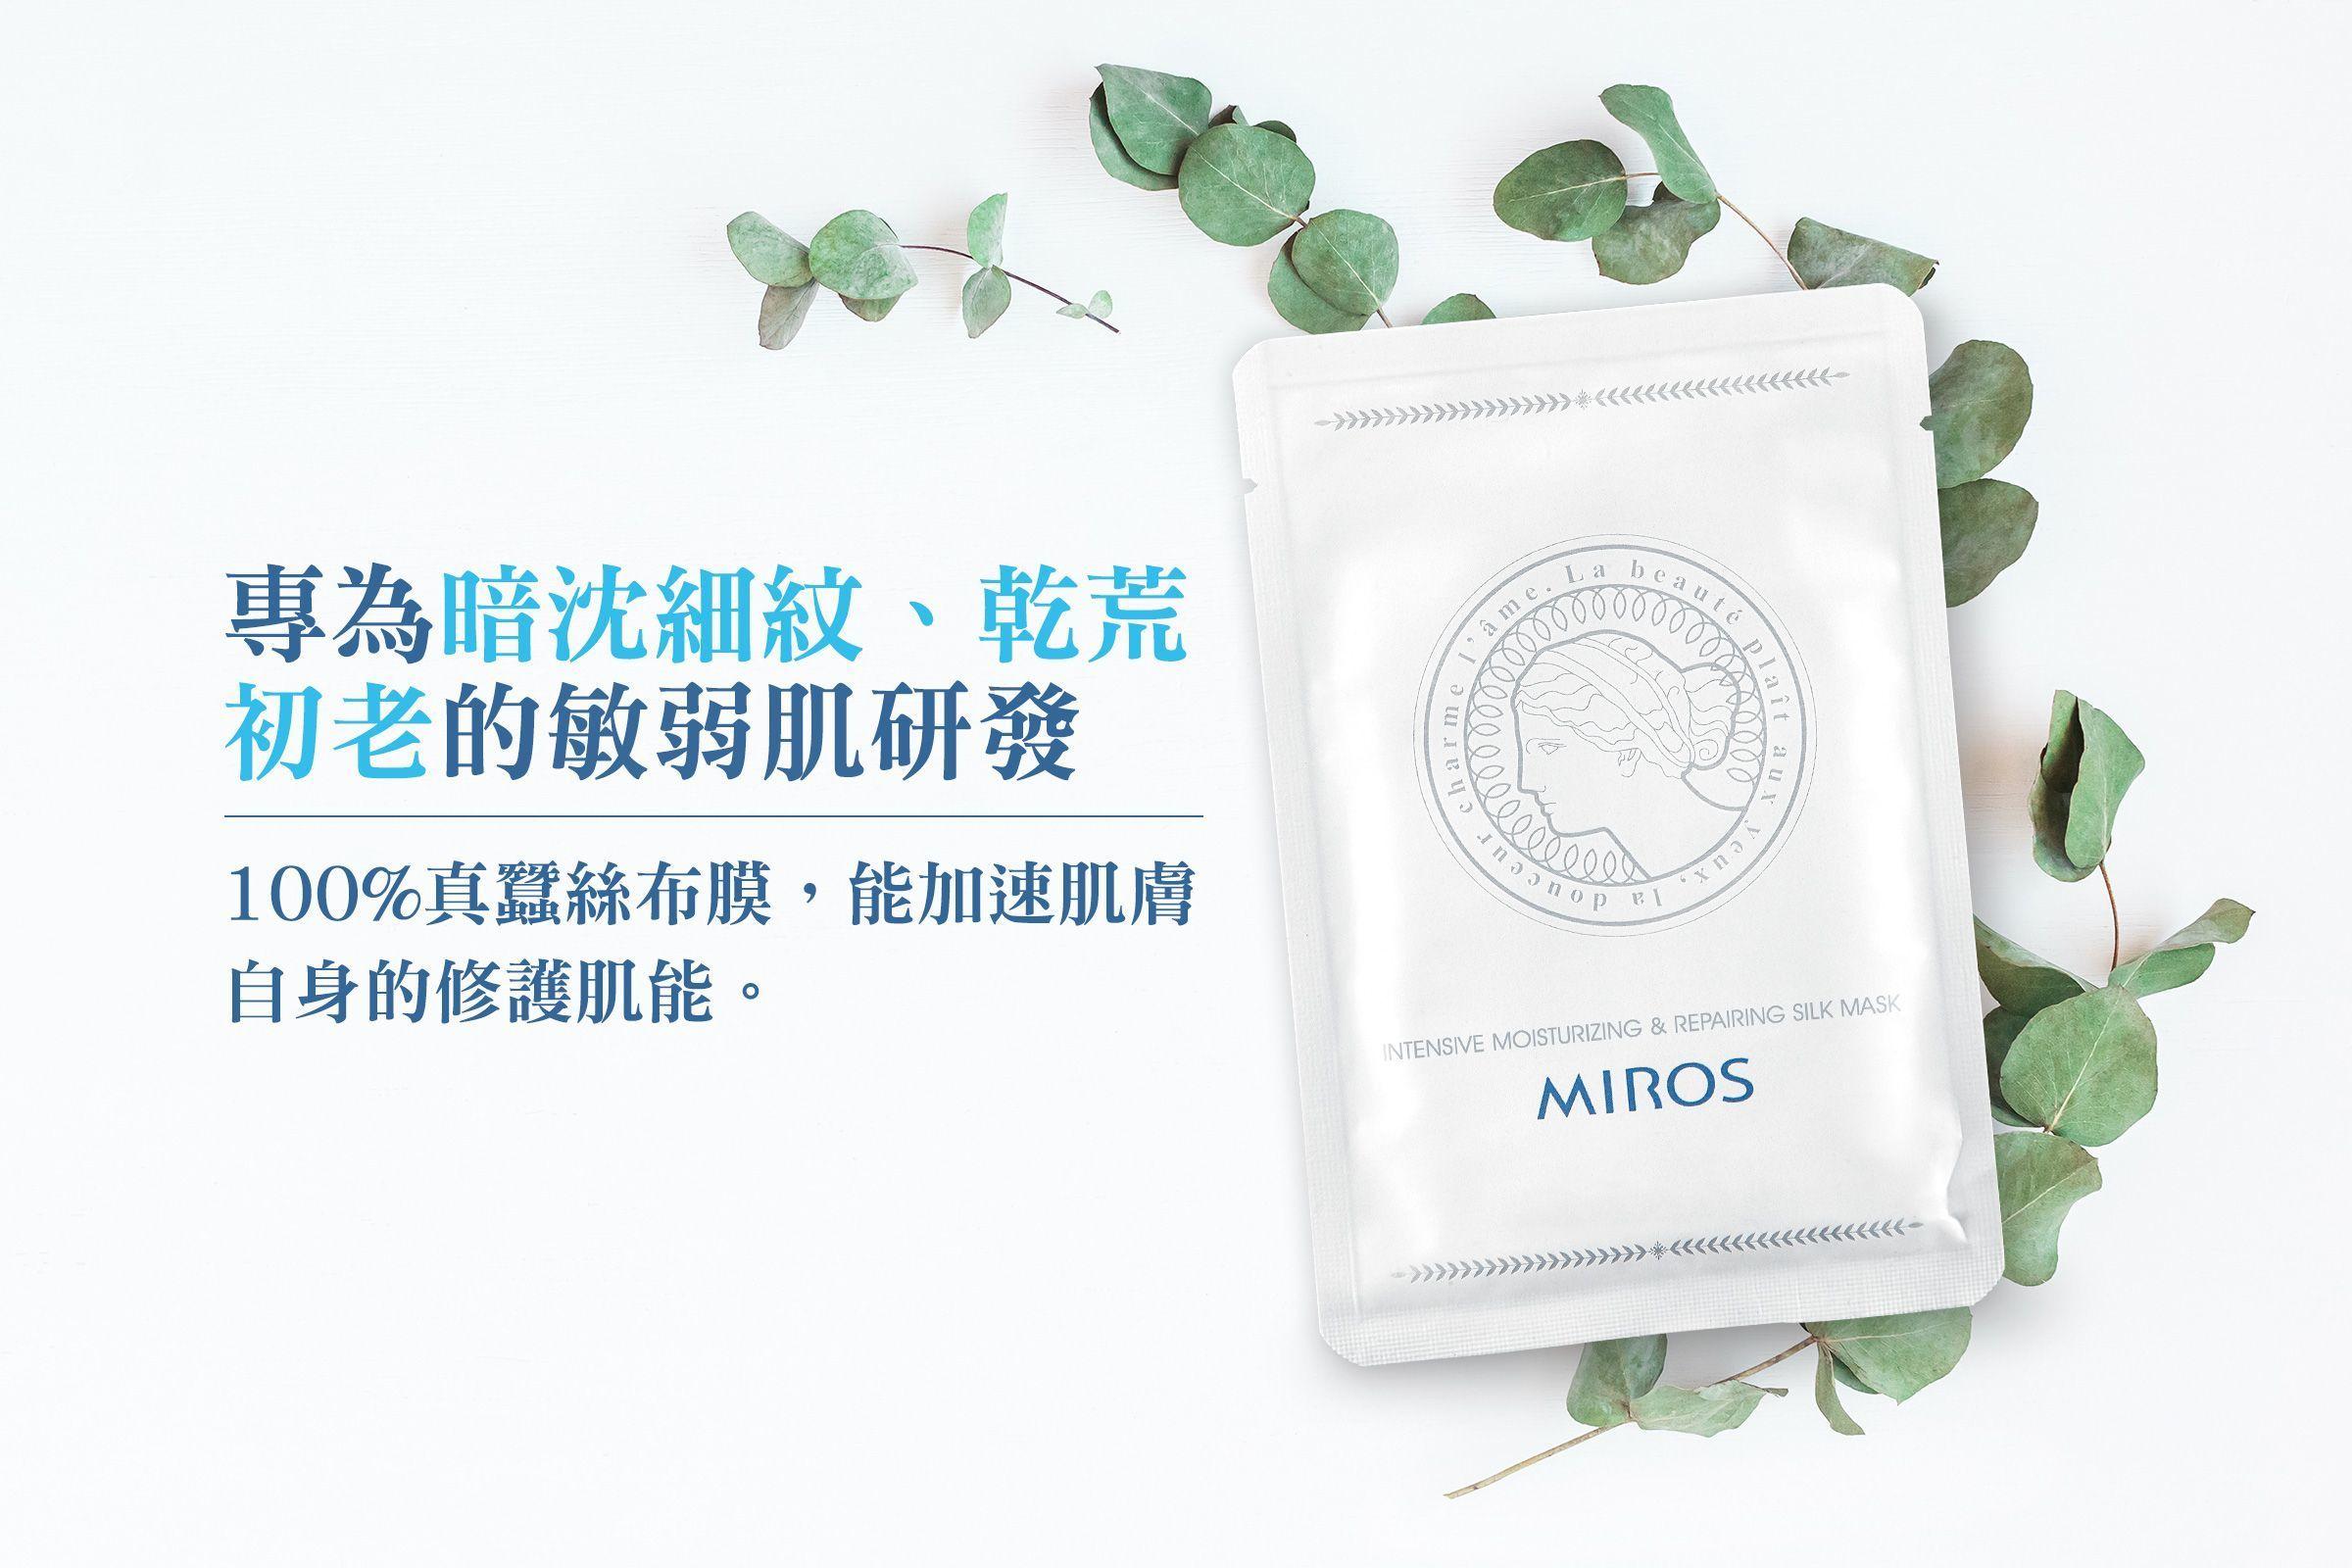 ❮即期品❯高保濕婙白修護蠶絲面膜(3入精裝盒 2021.02.05到期)